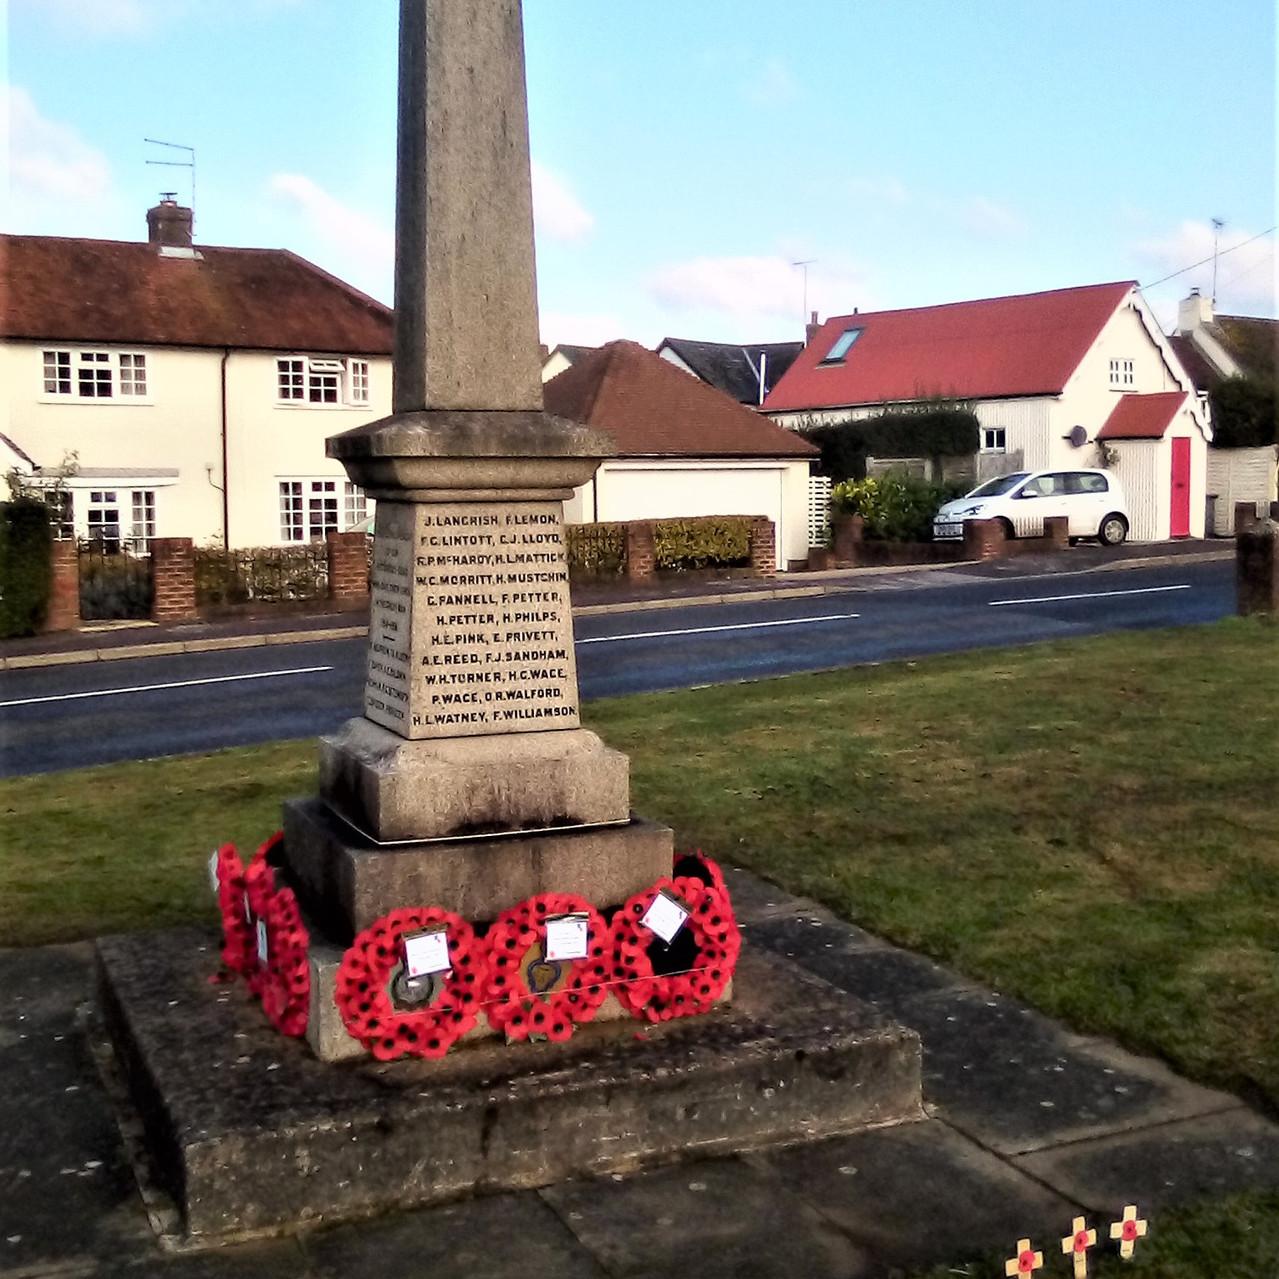 Liss war memorial